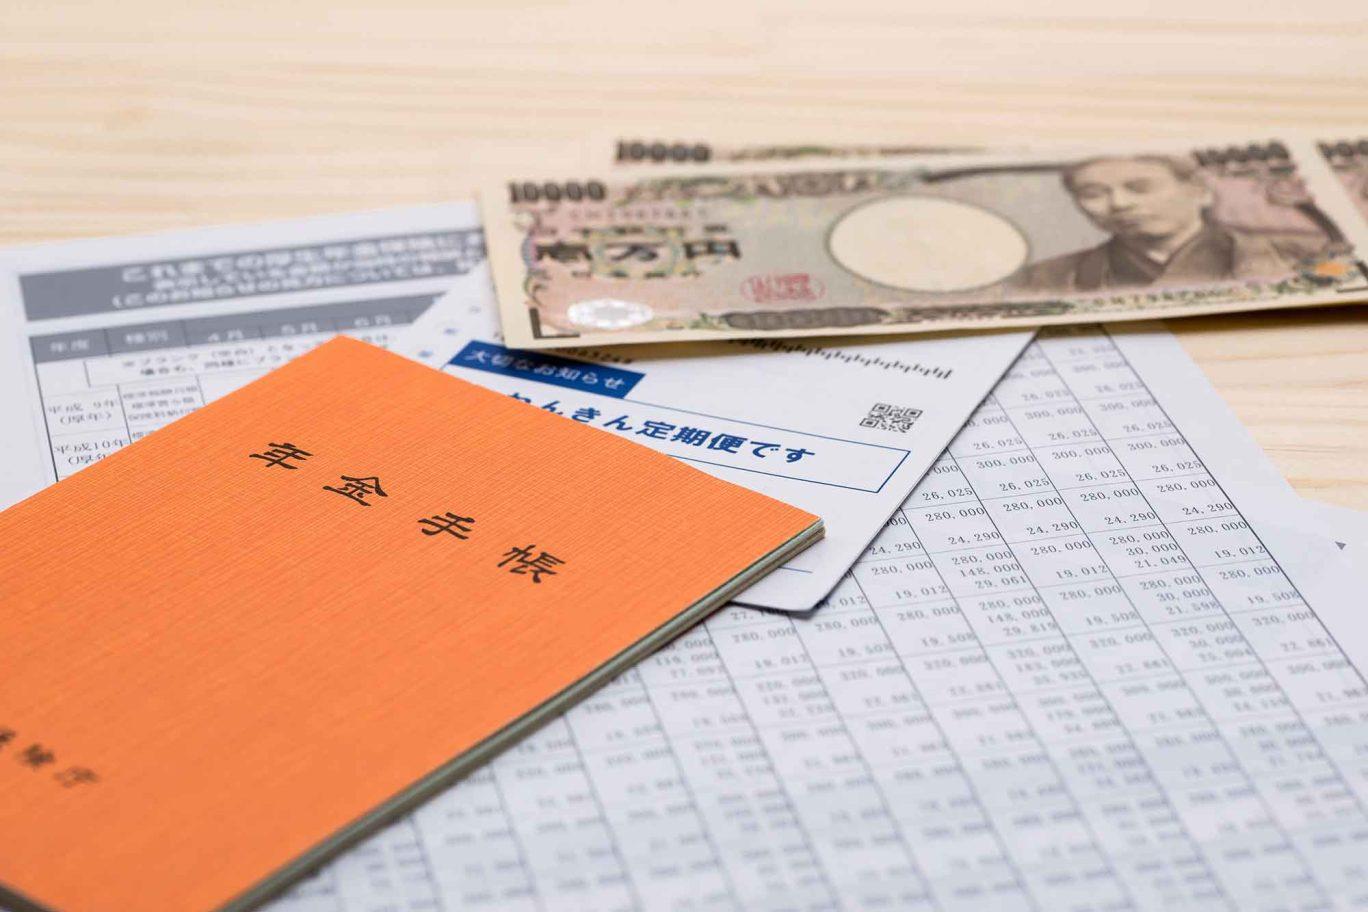 厚生年金保険の制度の内容は? 対象者、受給資格や受給額などを解説